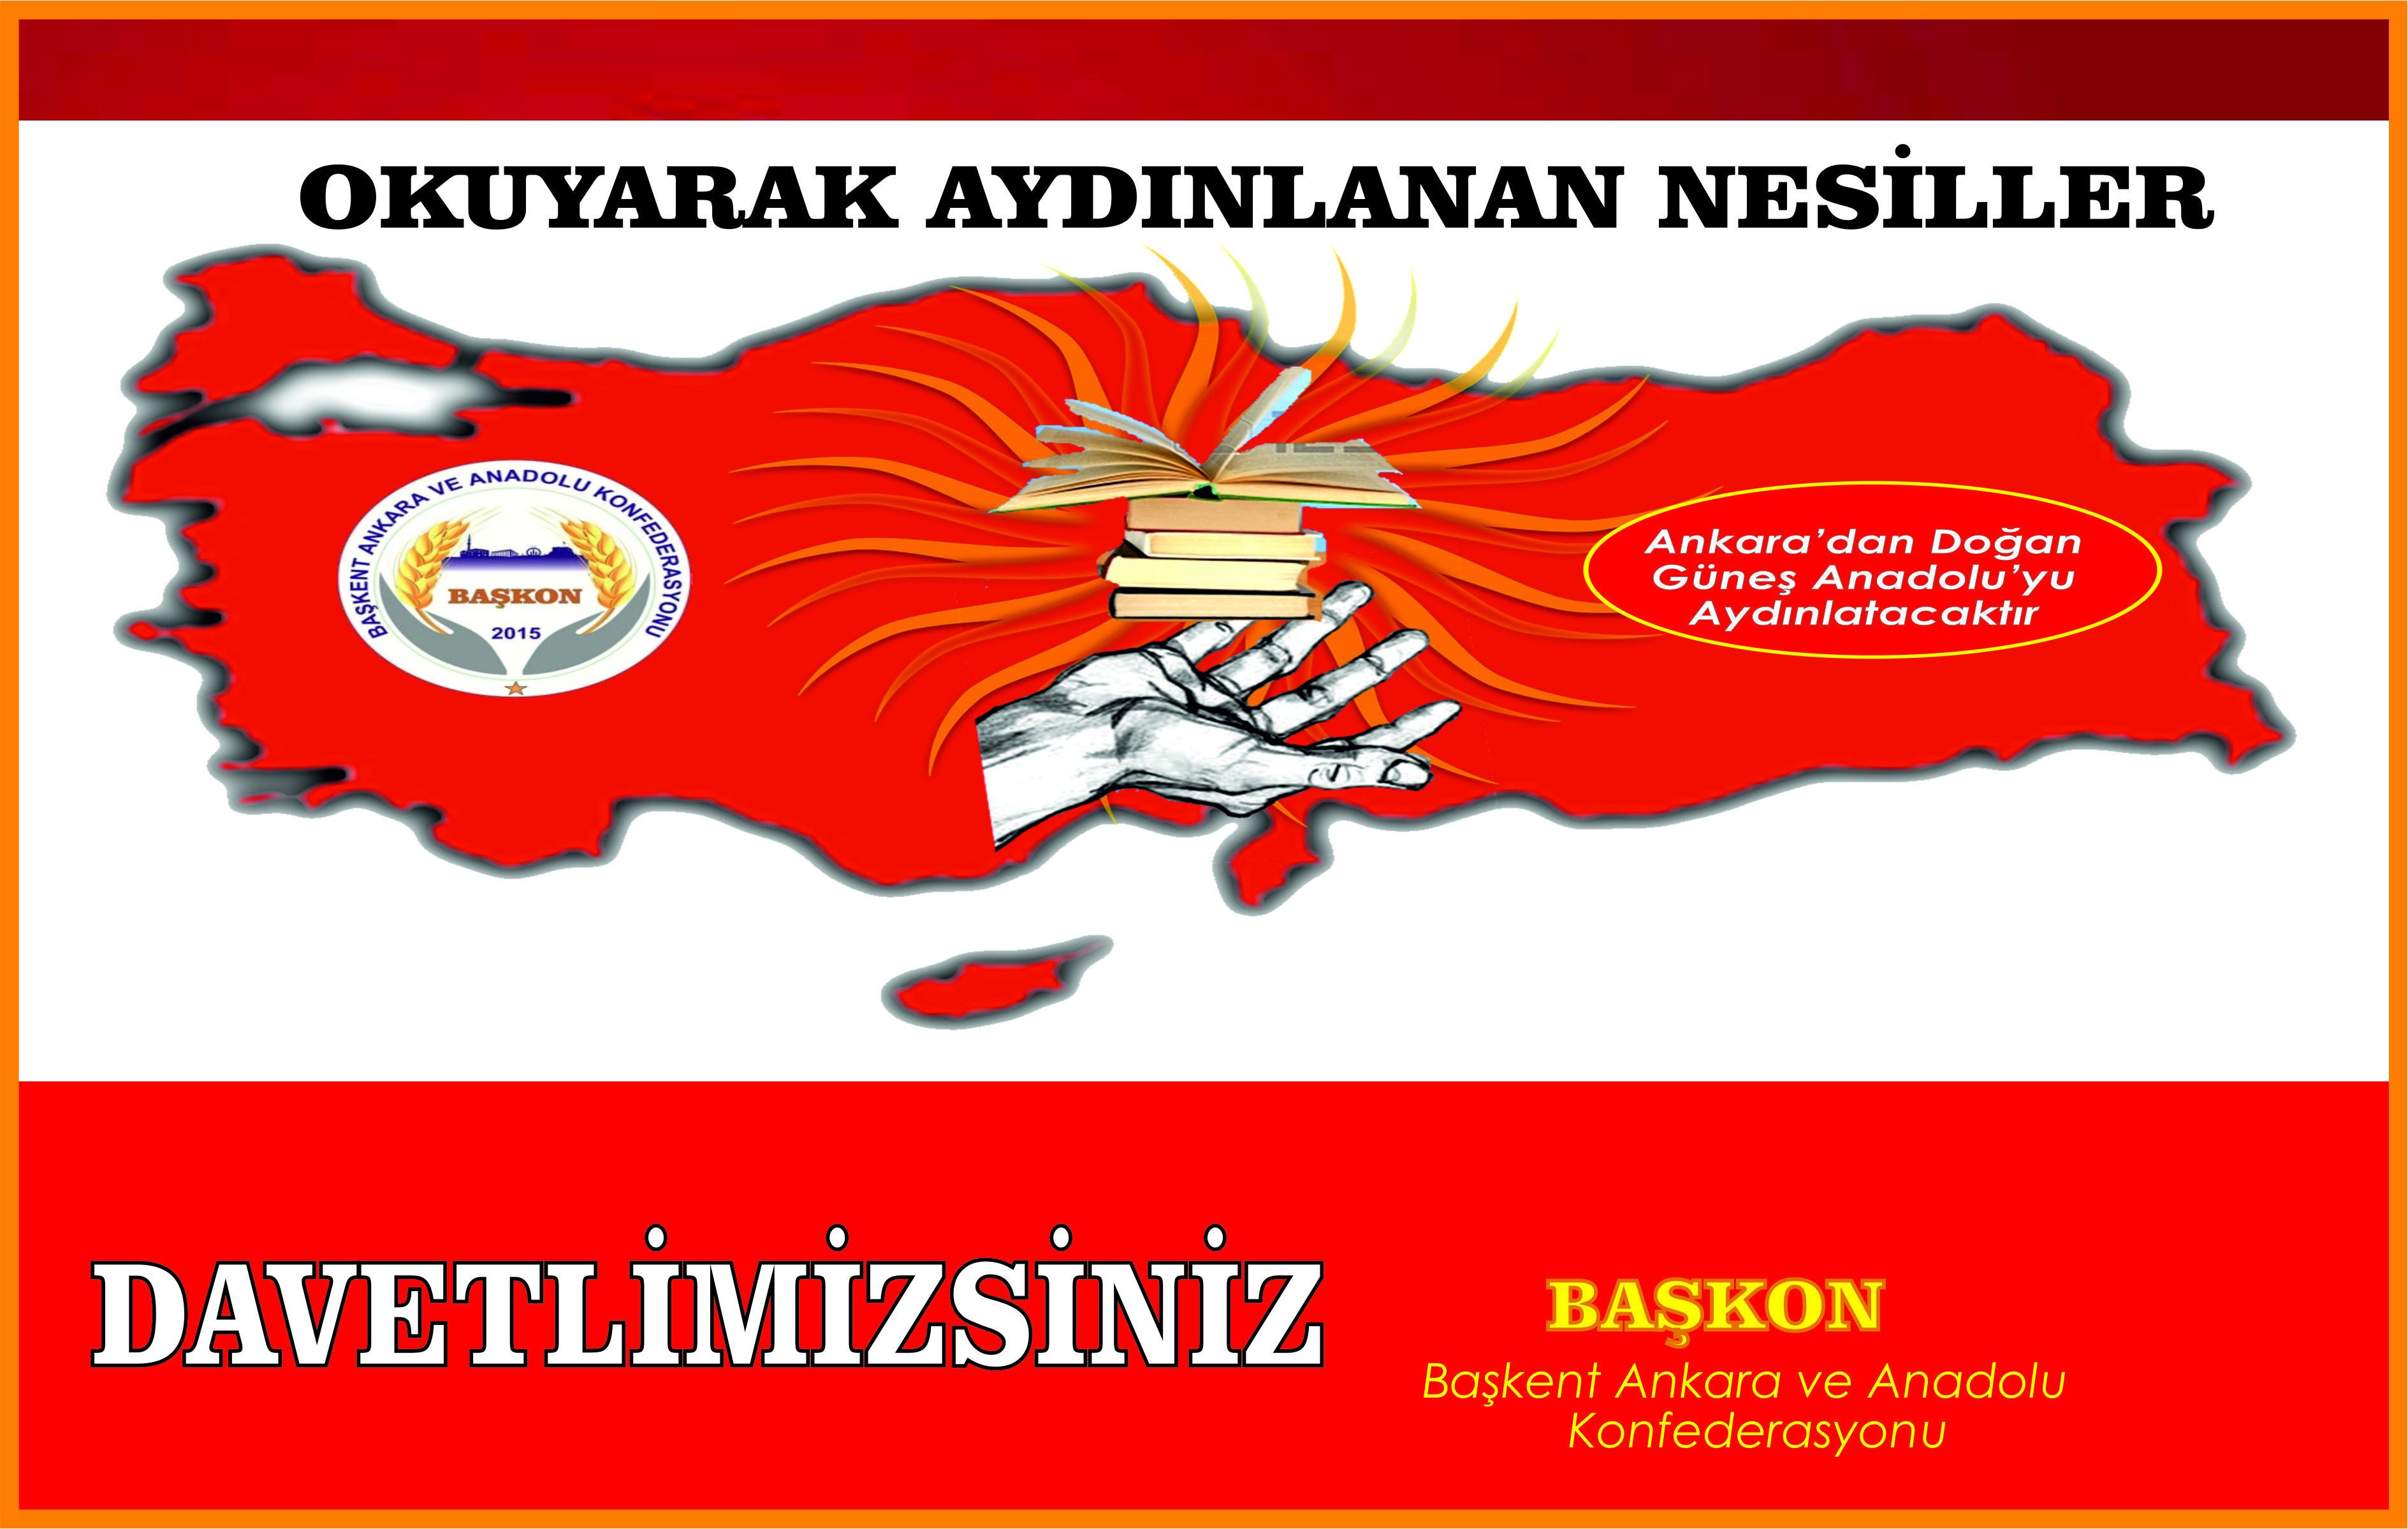 BU GÜNÜN GAZETE MANŞETLERİNE GÖZ ATMAK İSTER MİSİNİZ!..